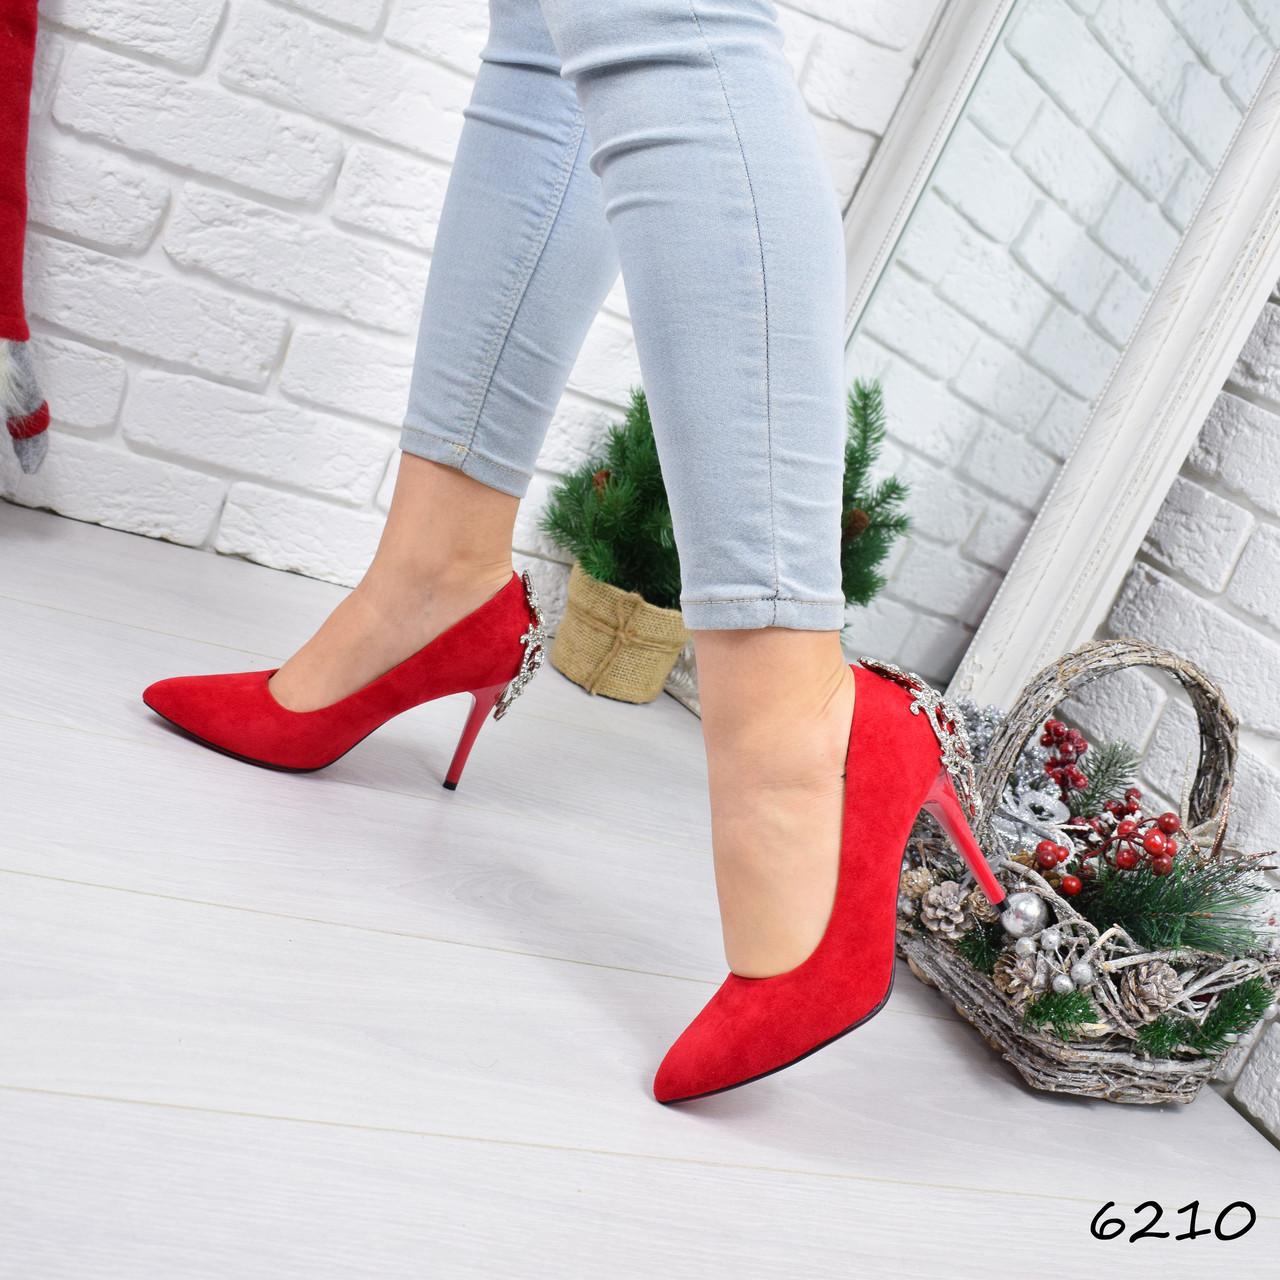 1f74c86ad7398f Туфли женские на шпильке в стиле Casadei красные 6210 , женская обувь, цена  490 грн., купить в Днепре — Prom.ua (ID#845020935)